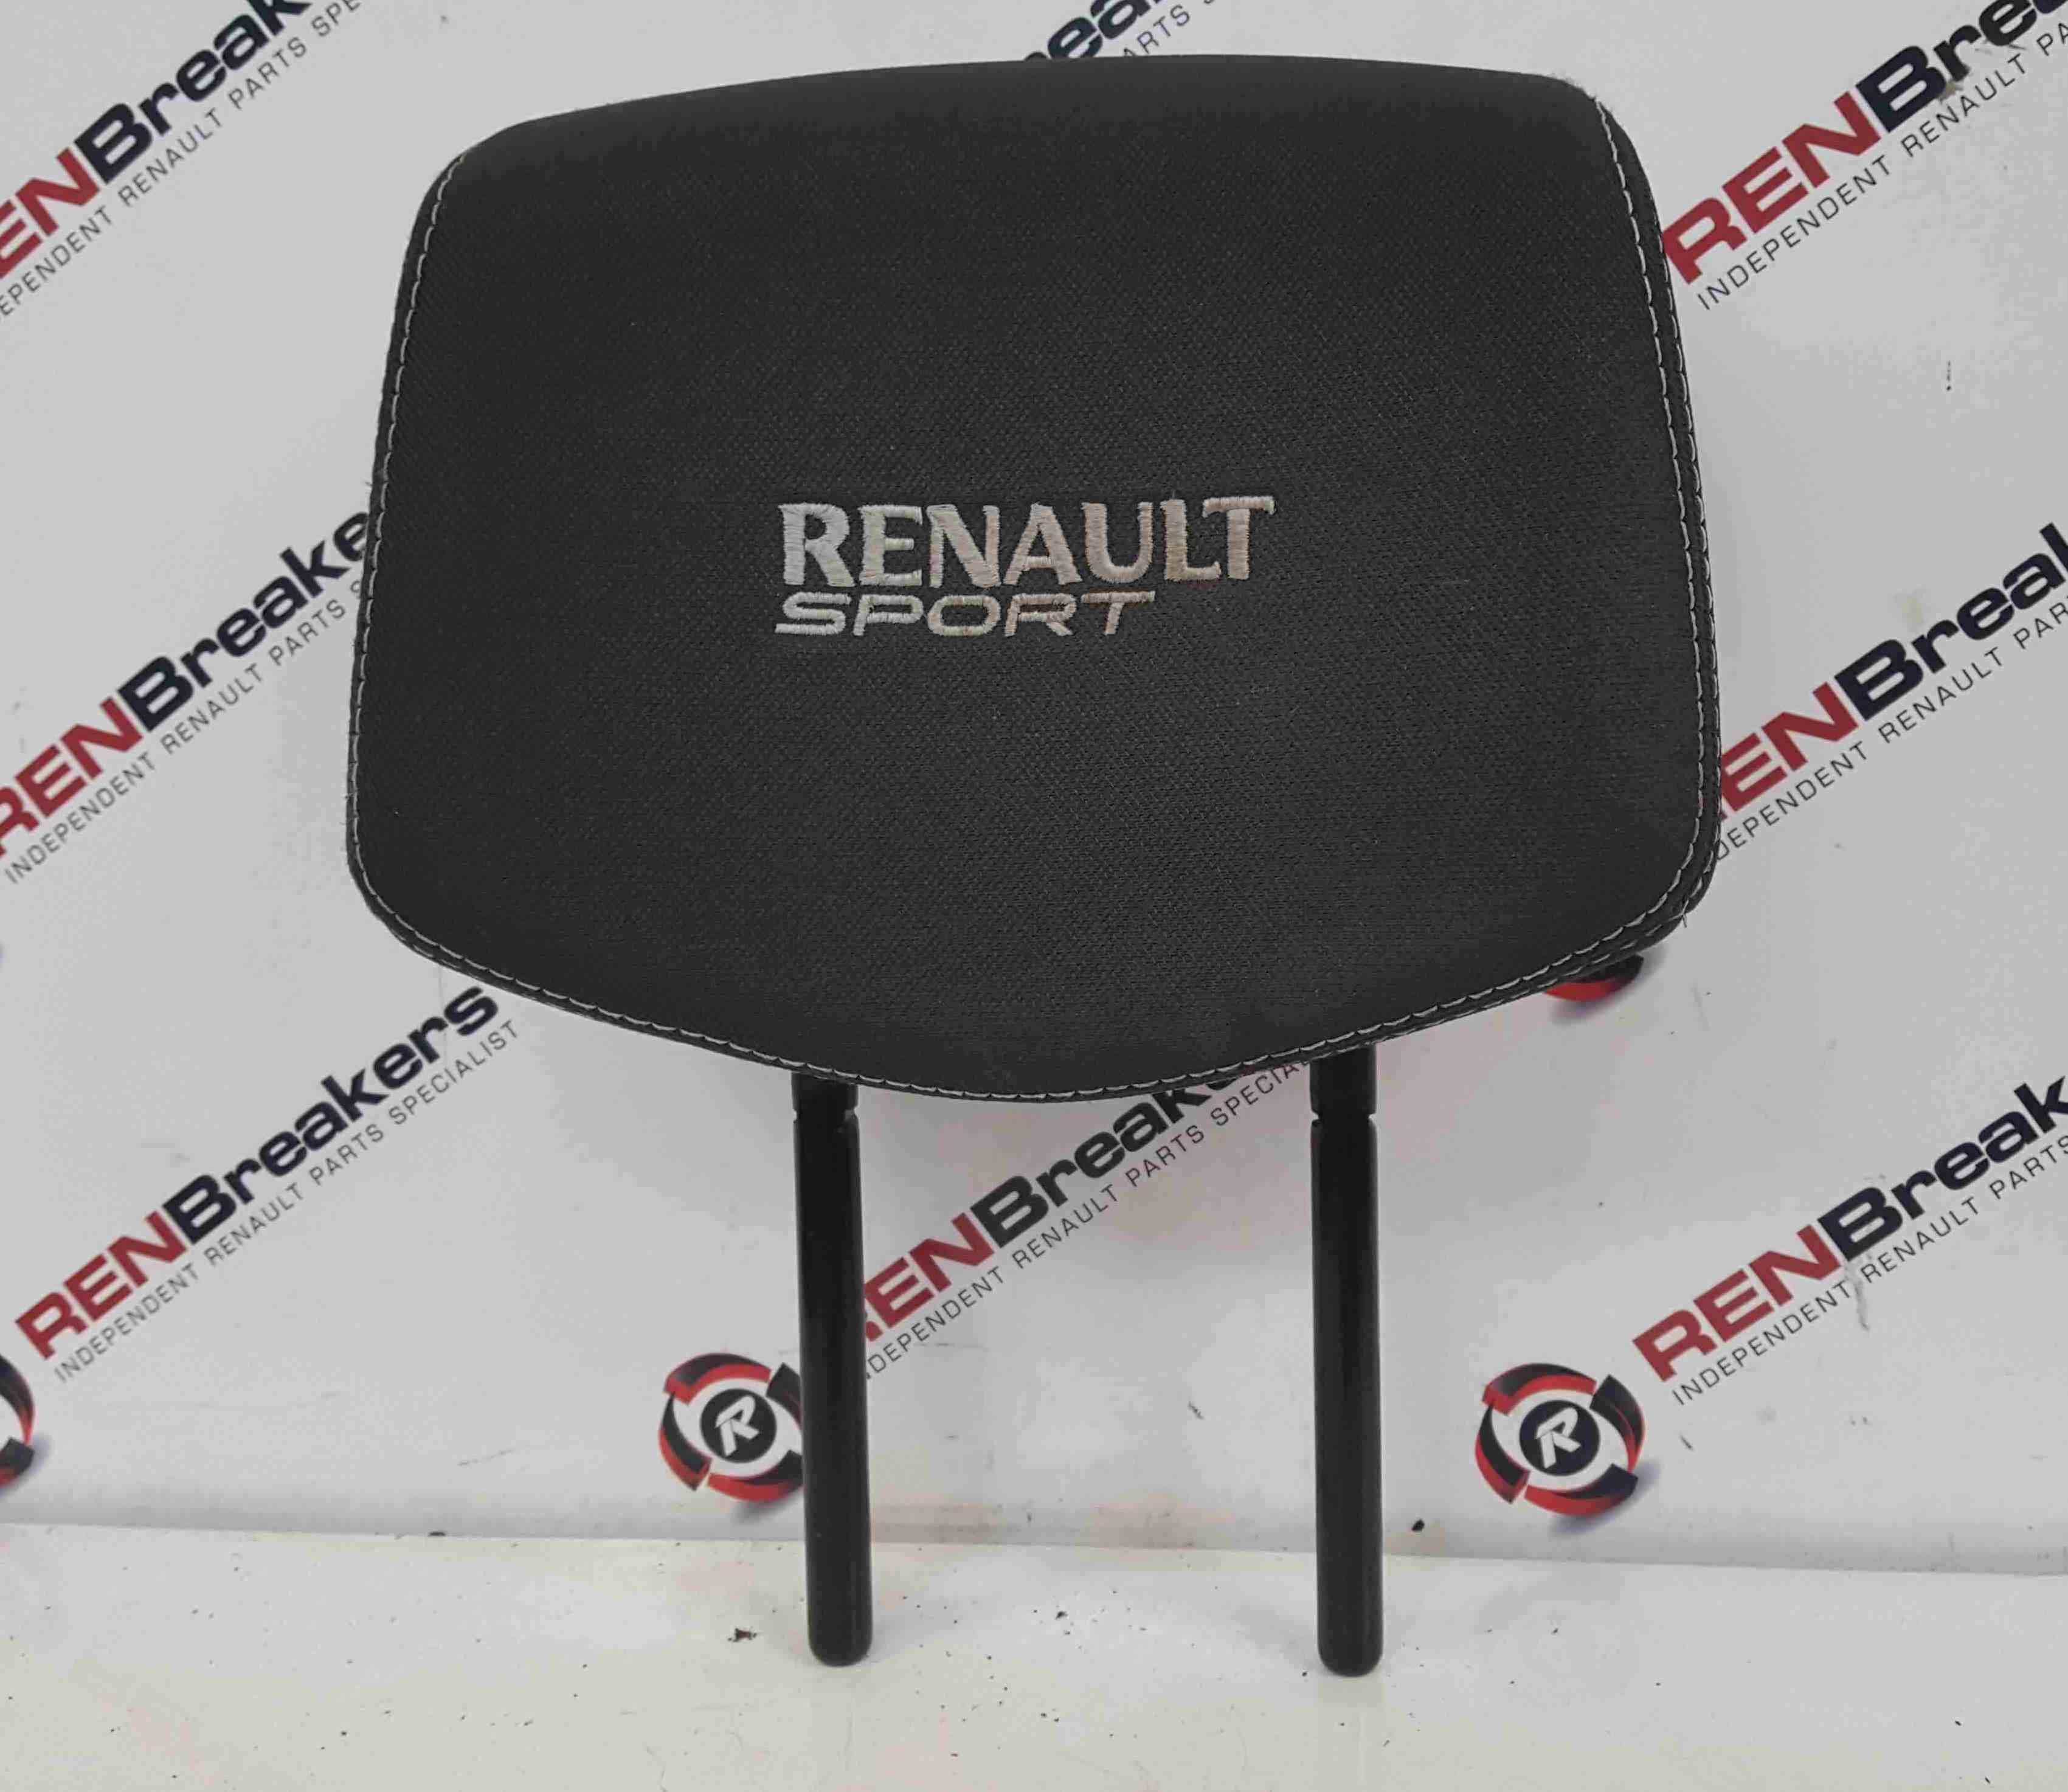 Renault Clio Sport MK3 2005-2012 197 Front Head Rest